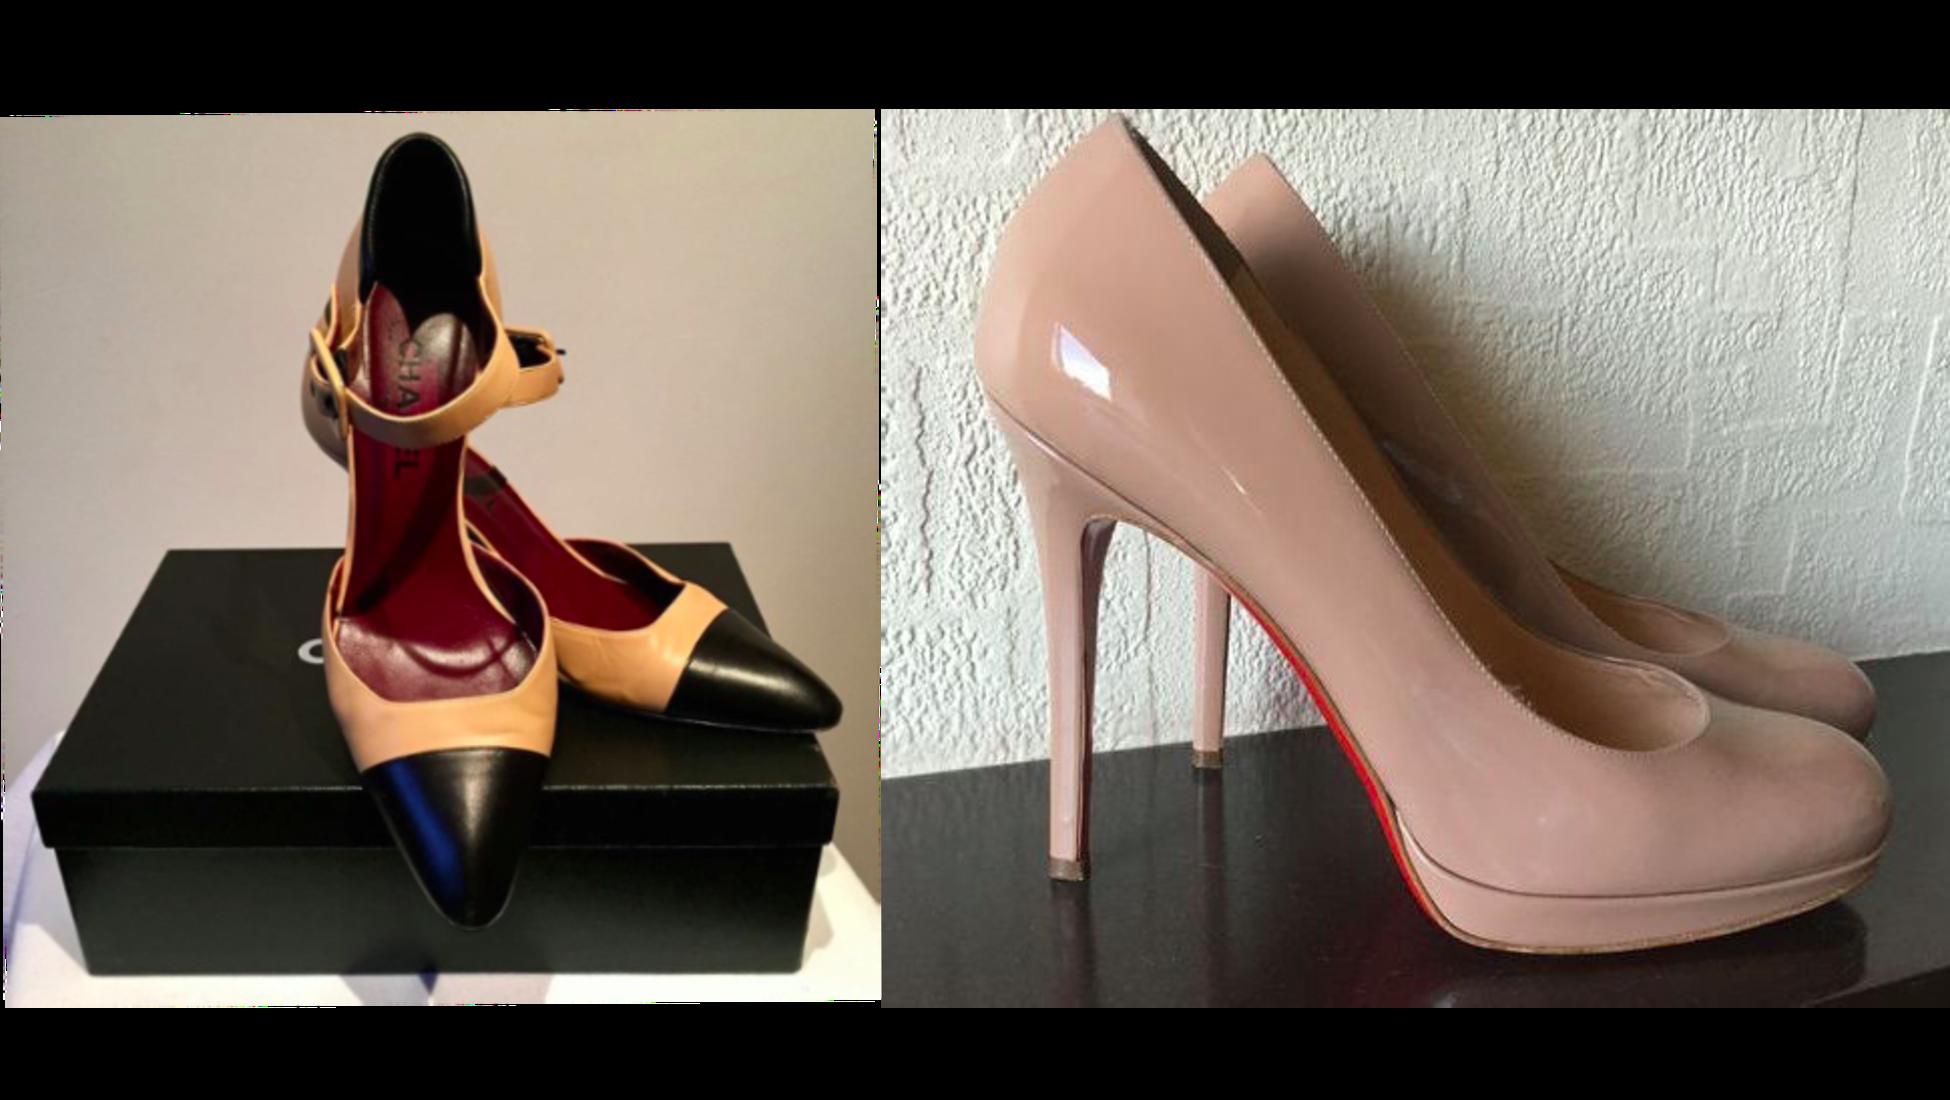 58e2299856d8 Vänster: Chanel Court skor- sålda för 270 euro på Catawiki. Höger: Klassiska  Louboutin skor- sålda för 410 euro på Catawiki.